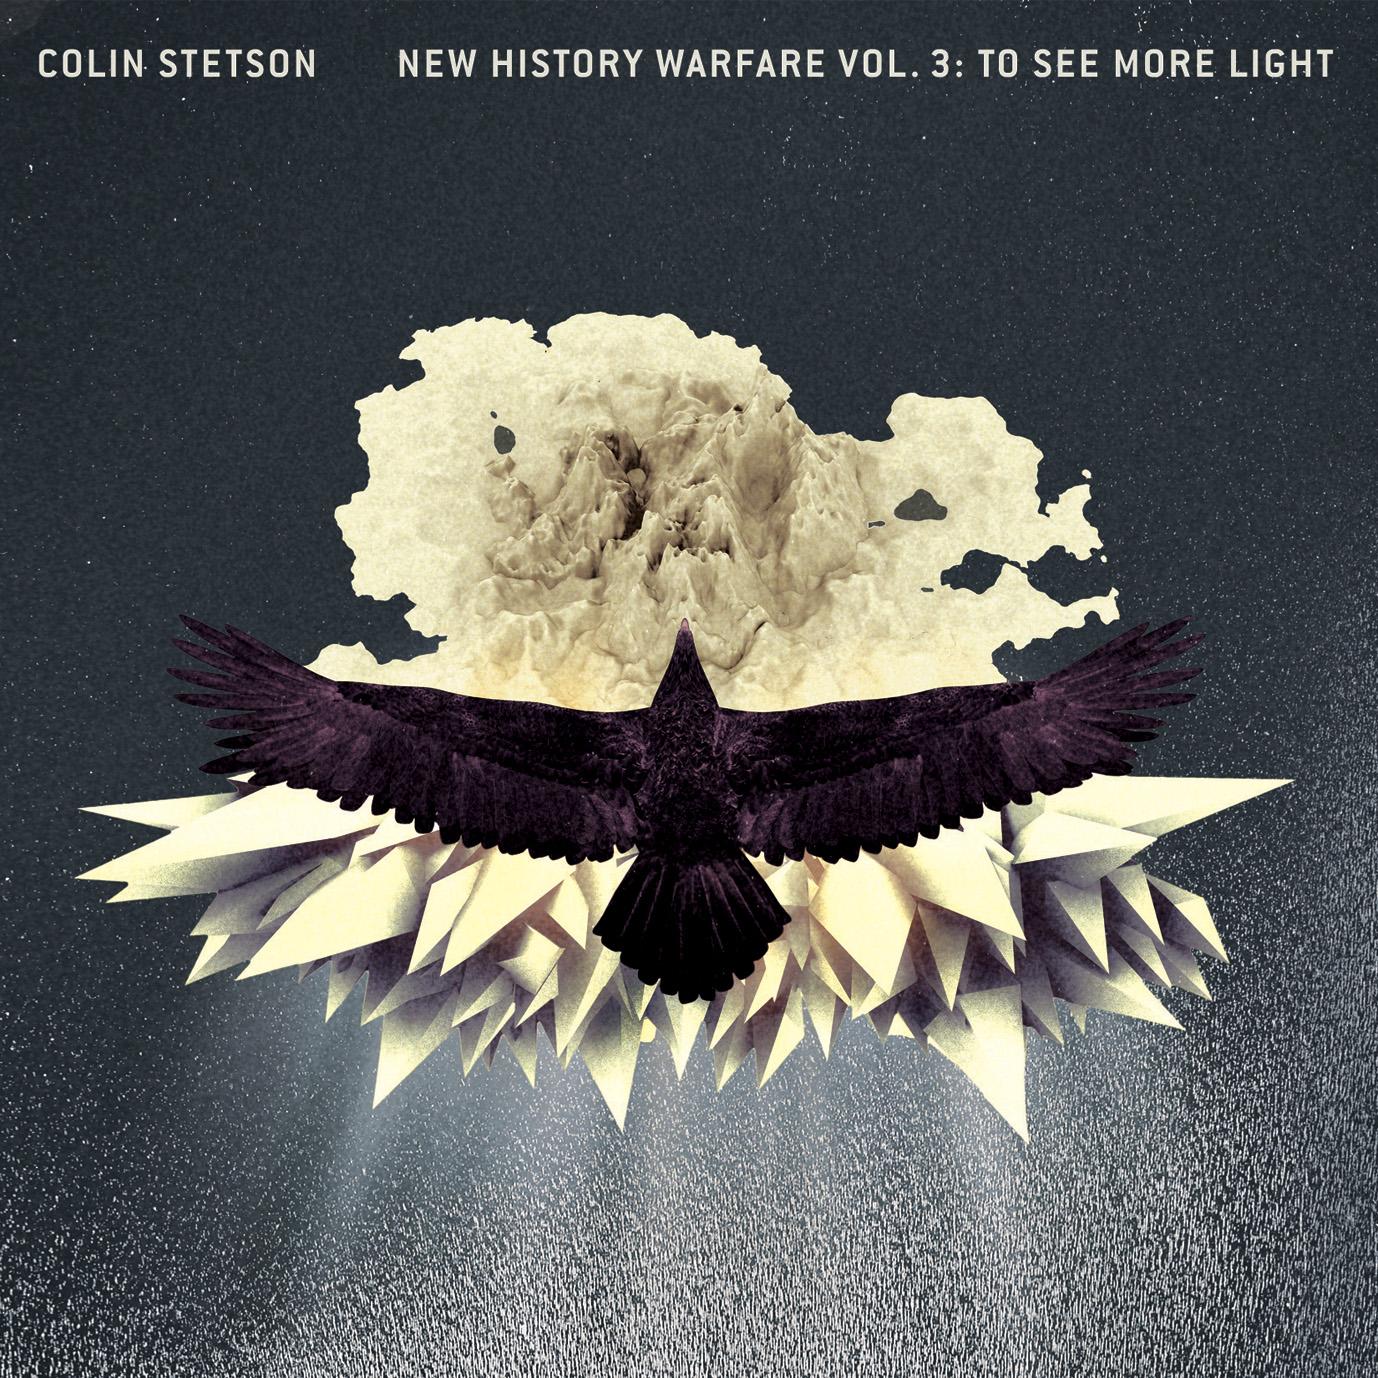 Colin Stetson - New History Warfare 3